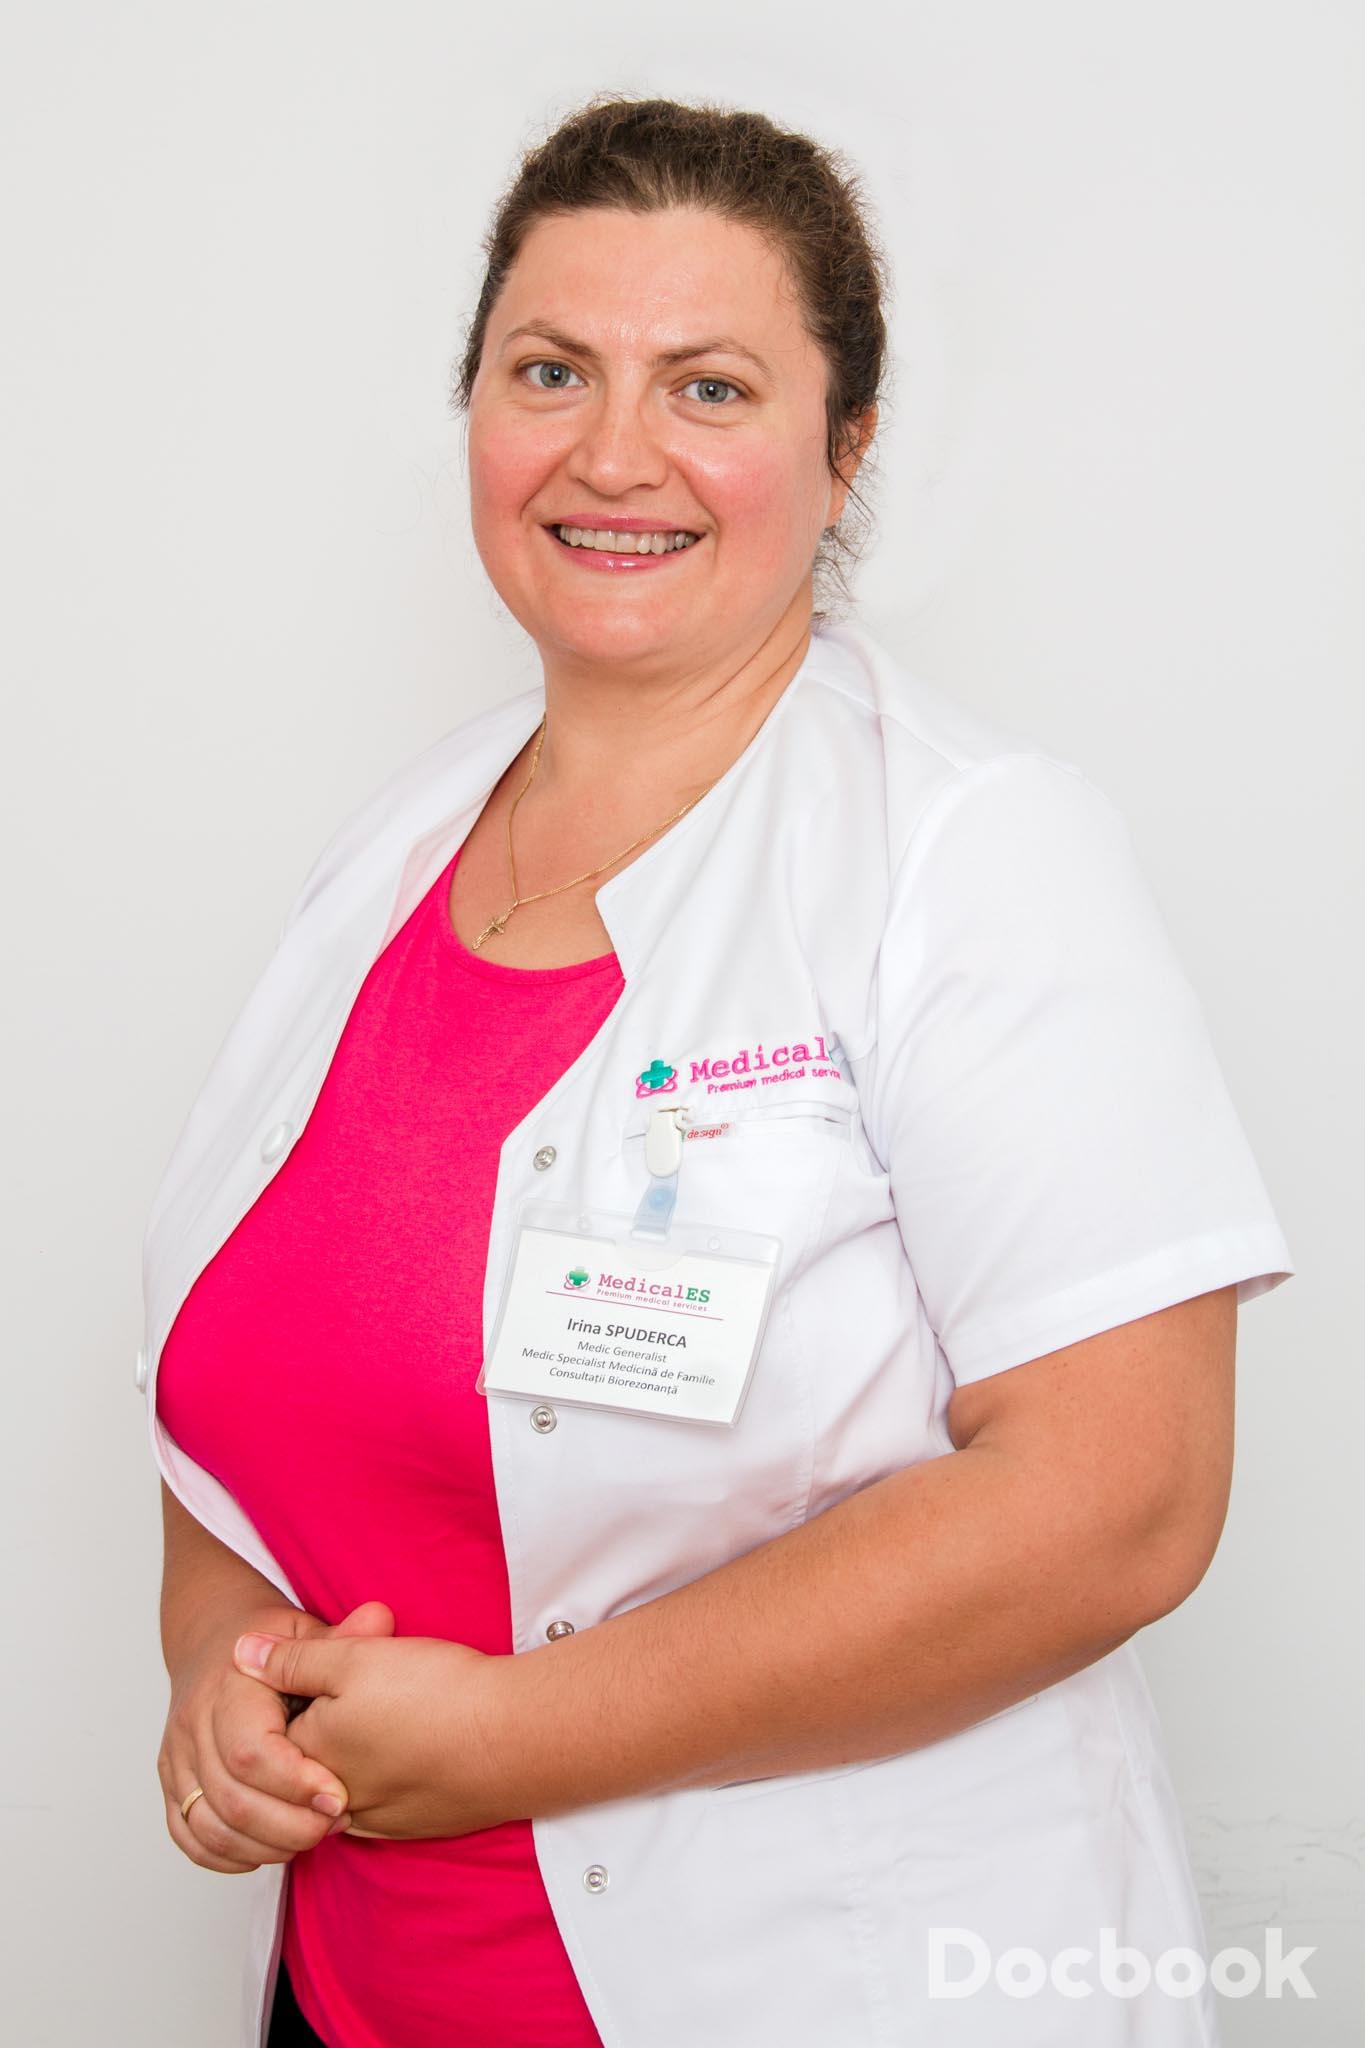 Dr. Irina Spuderca